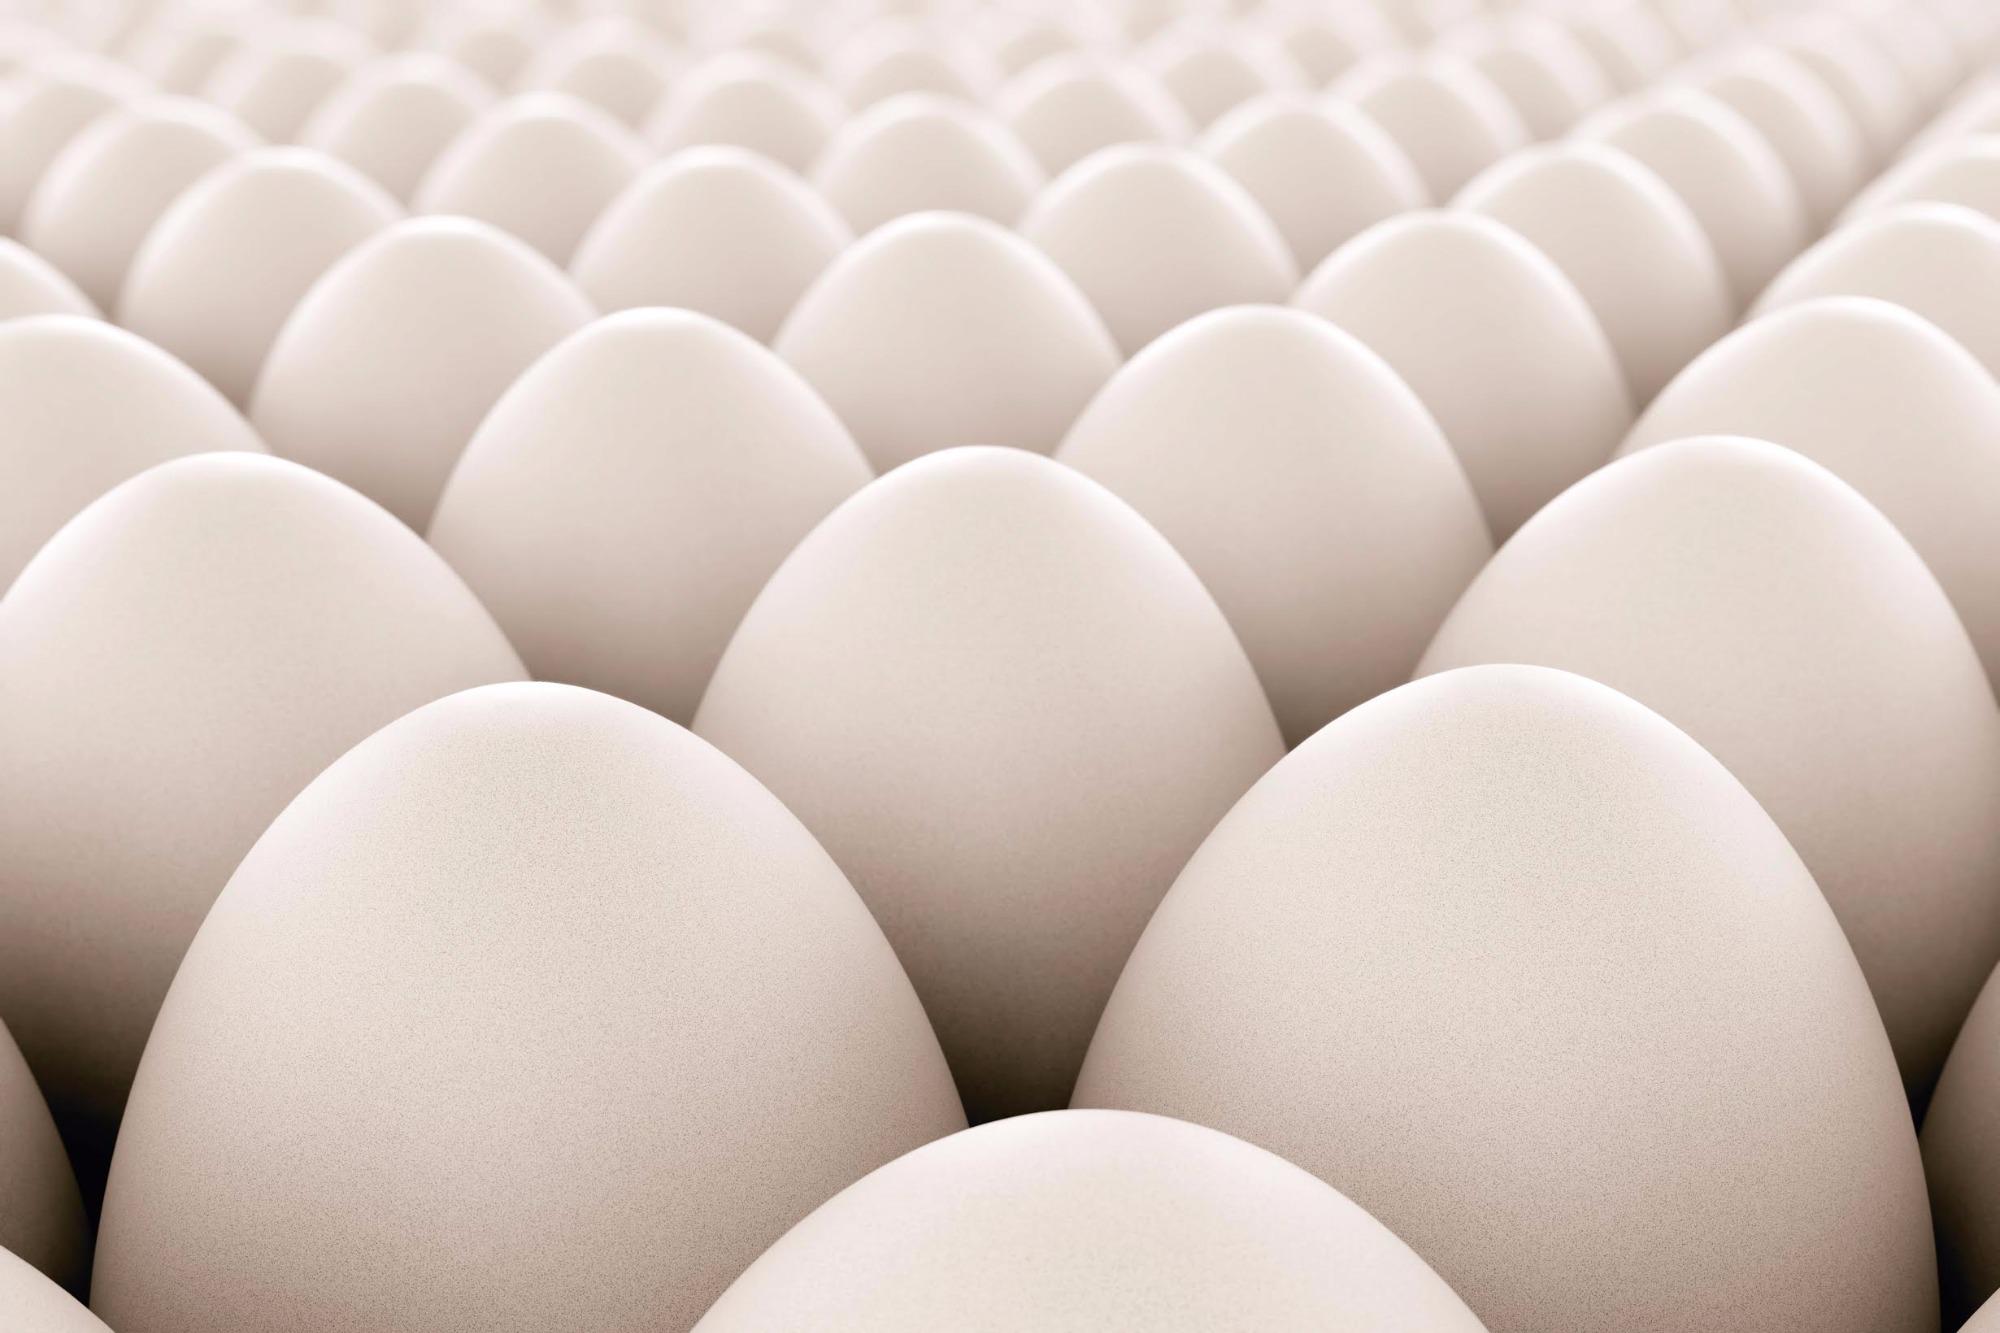 Rio Grande do Sul cria selo de qualidade para ampliar exportação de ovos